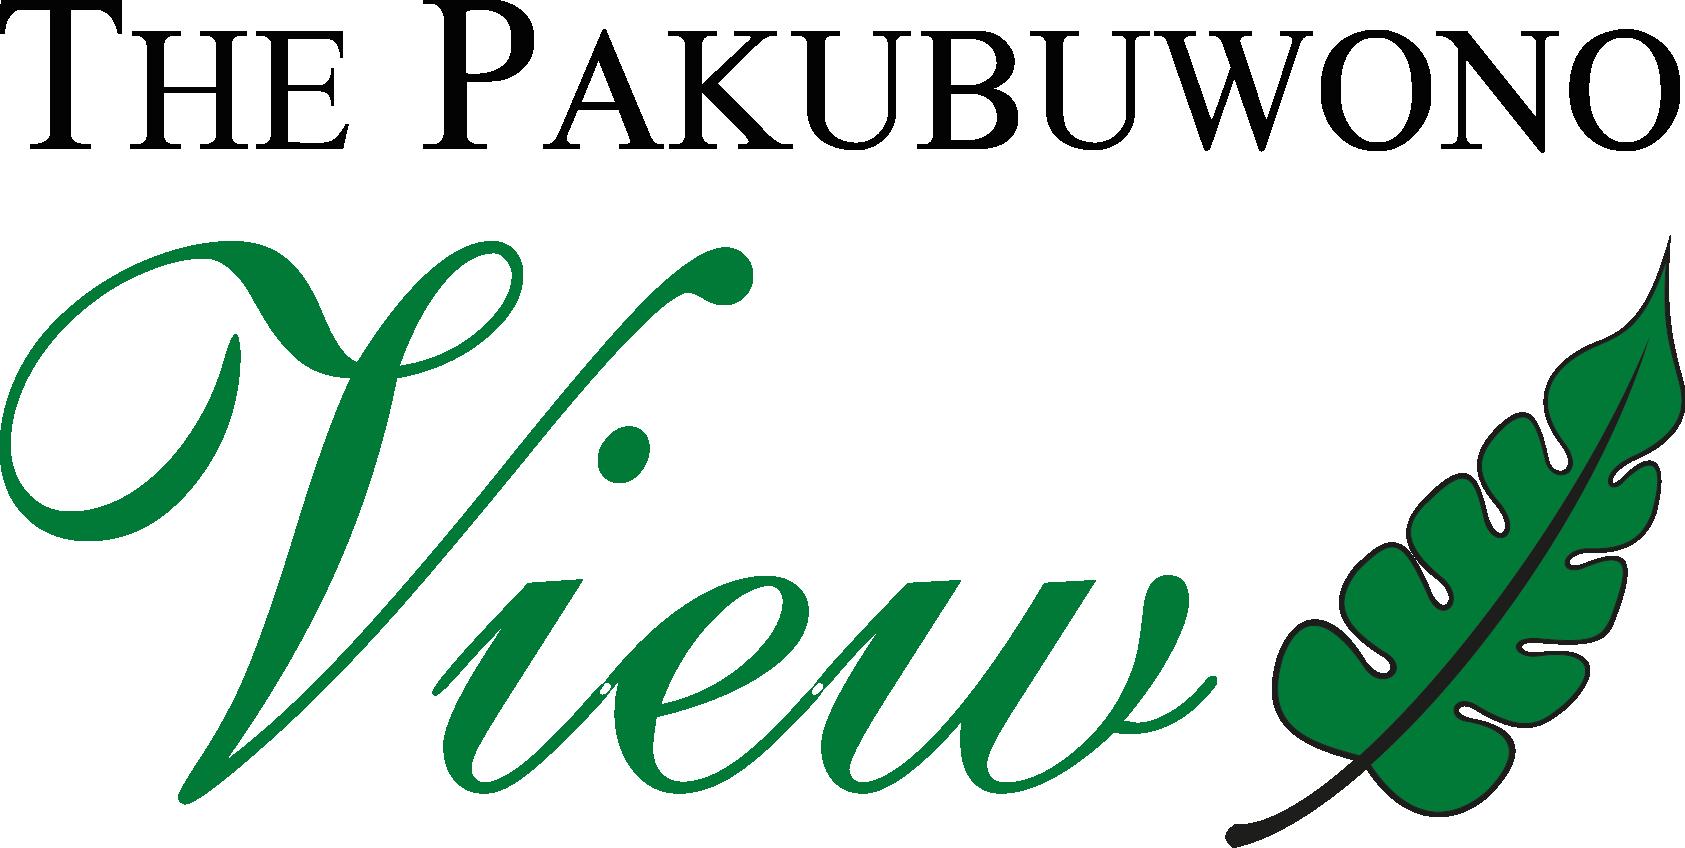 The Pakubuwono View